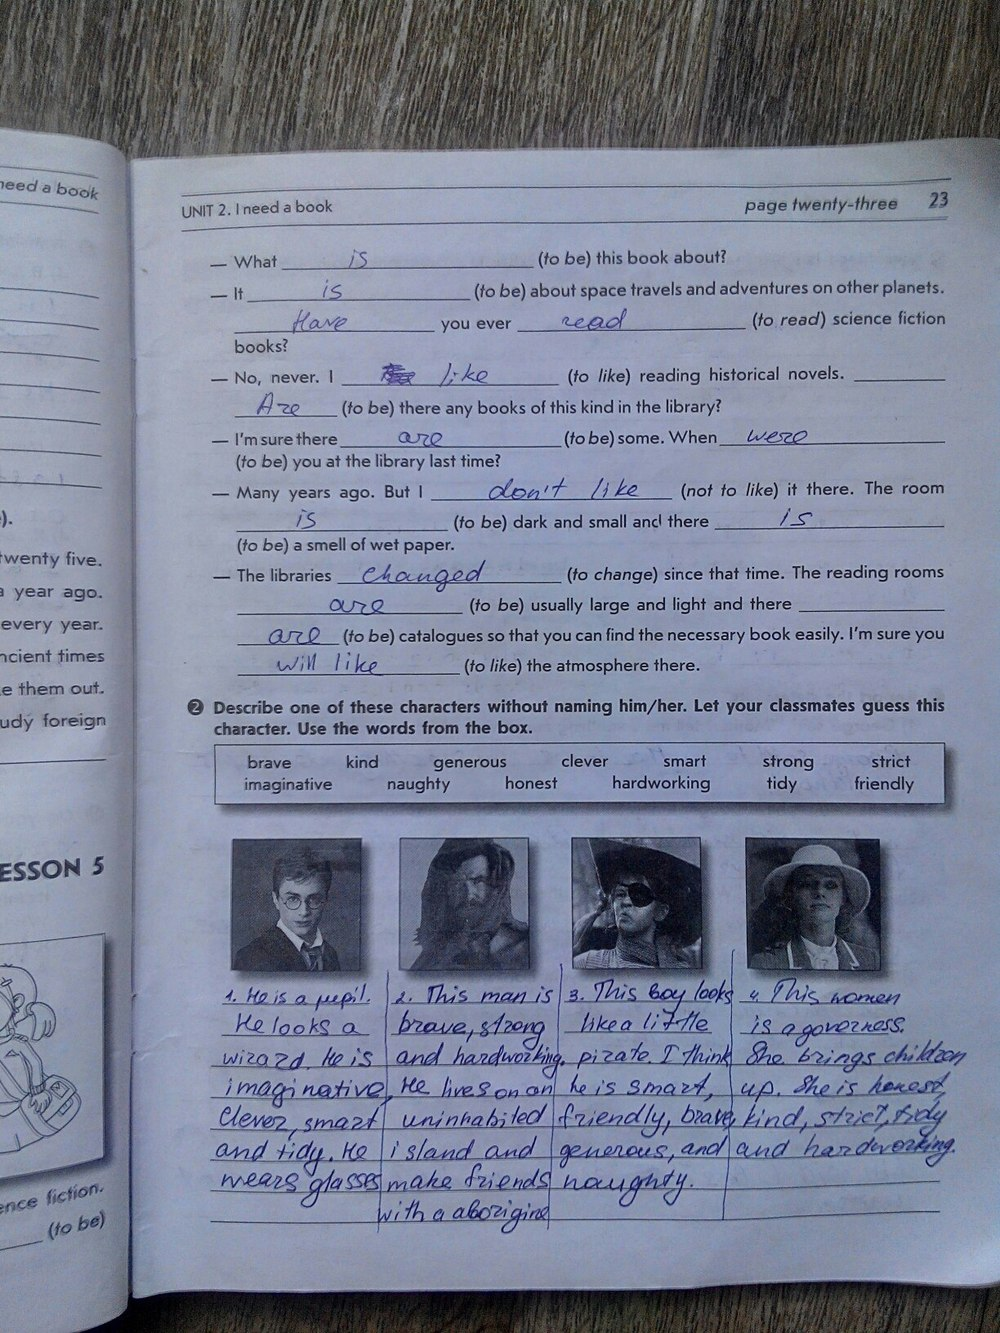 ГДЗ відповіді робочий зошит по английскому языку 8 класс О.М. Павліченко. Задание: стр. 23